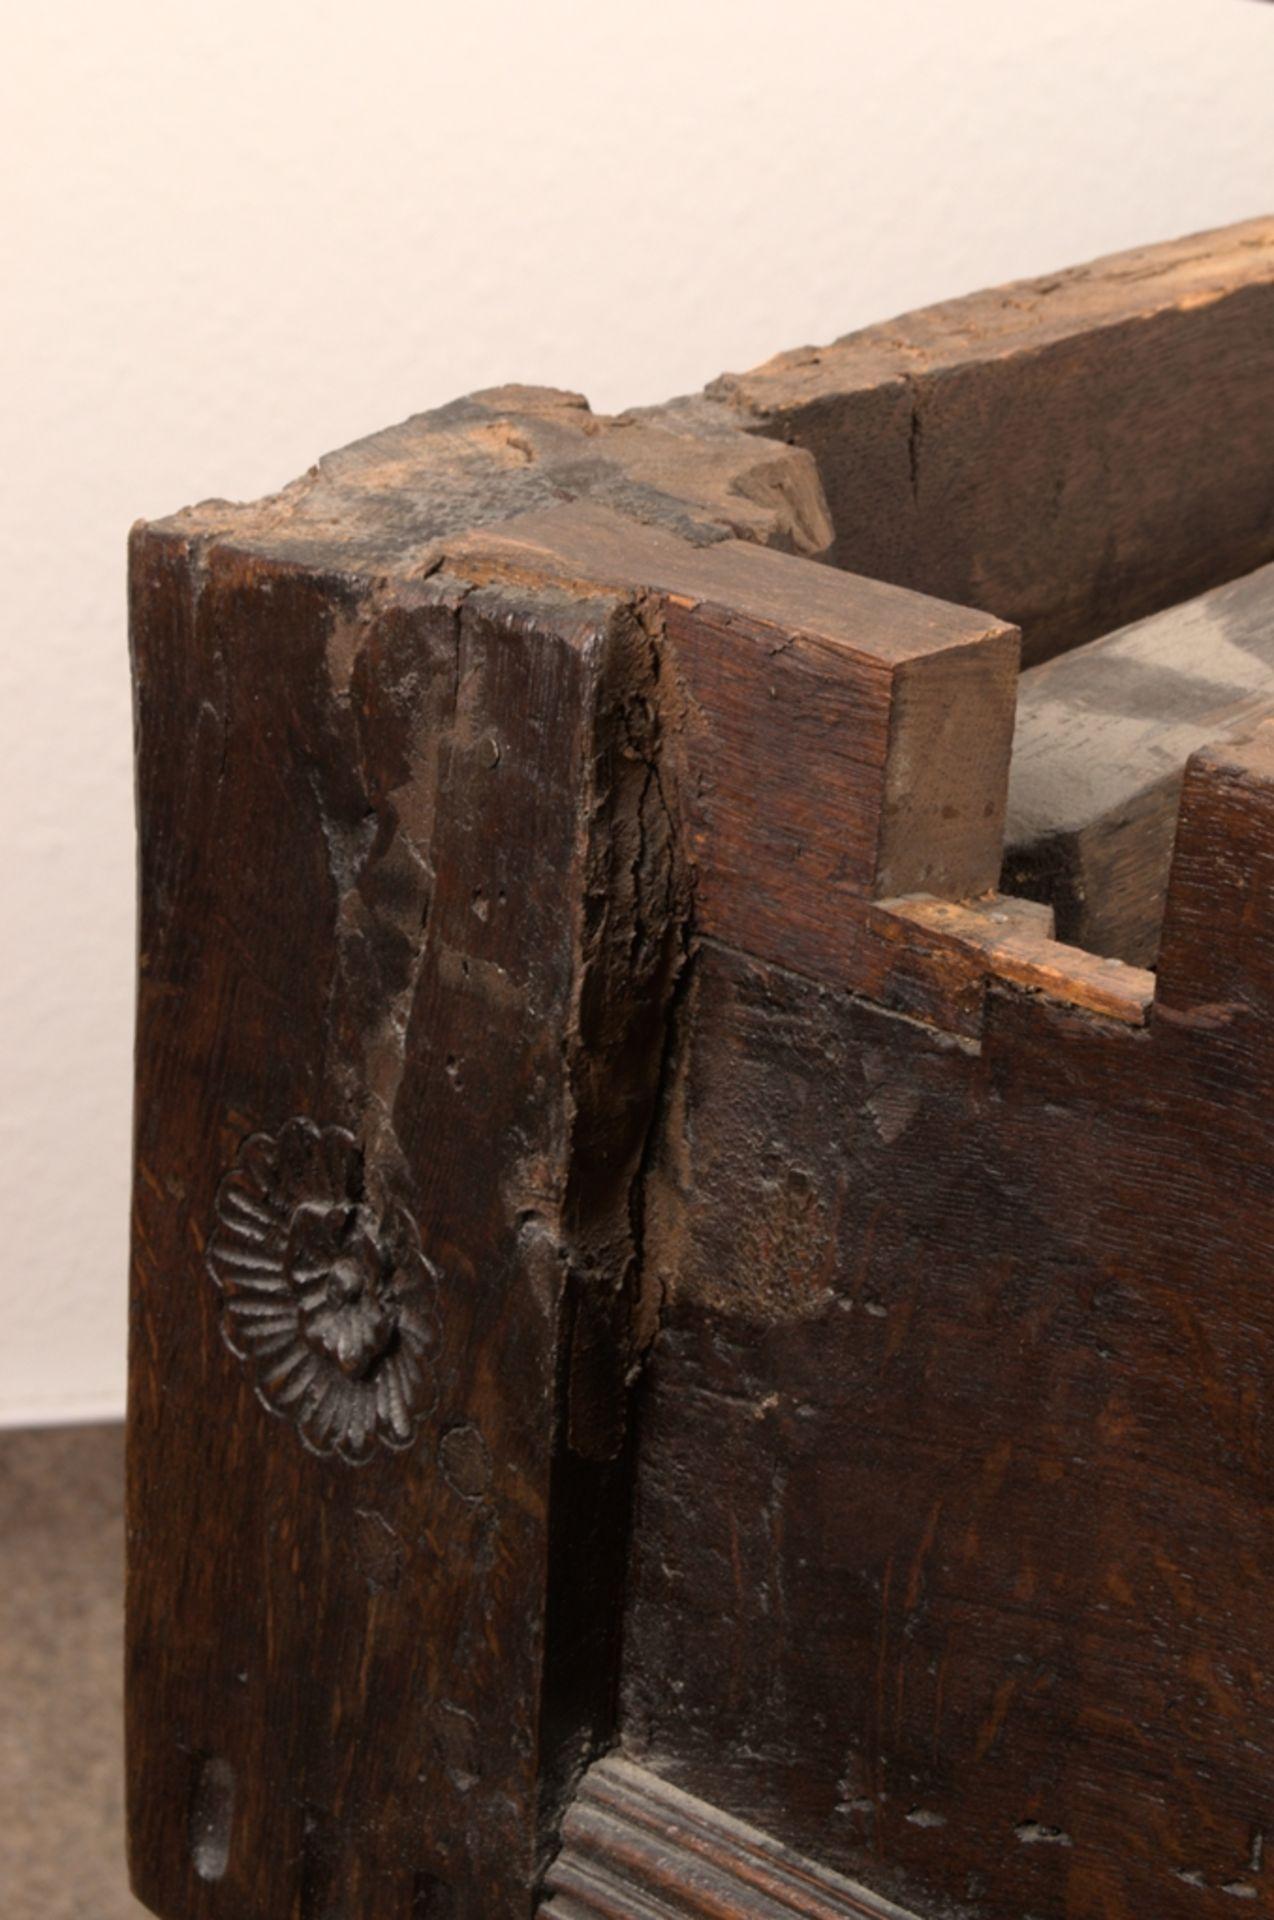 Großer Auszugstisch, Franken um 1730/50. Querverstrebter Tischunterbau mit kräftigen Balusterbeinen, - Bild 13 aus 36